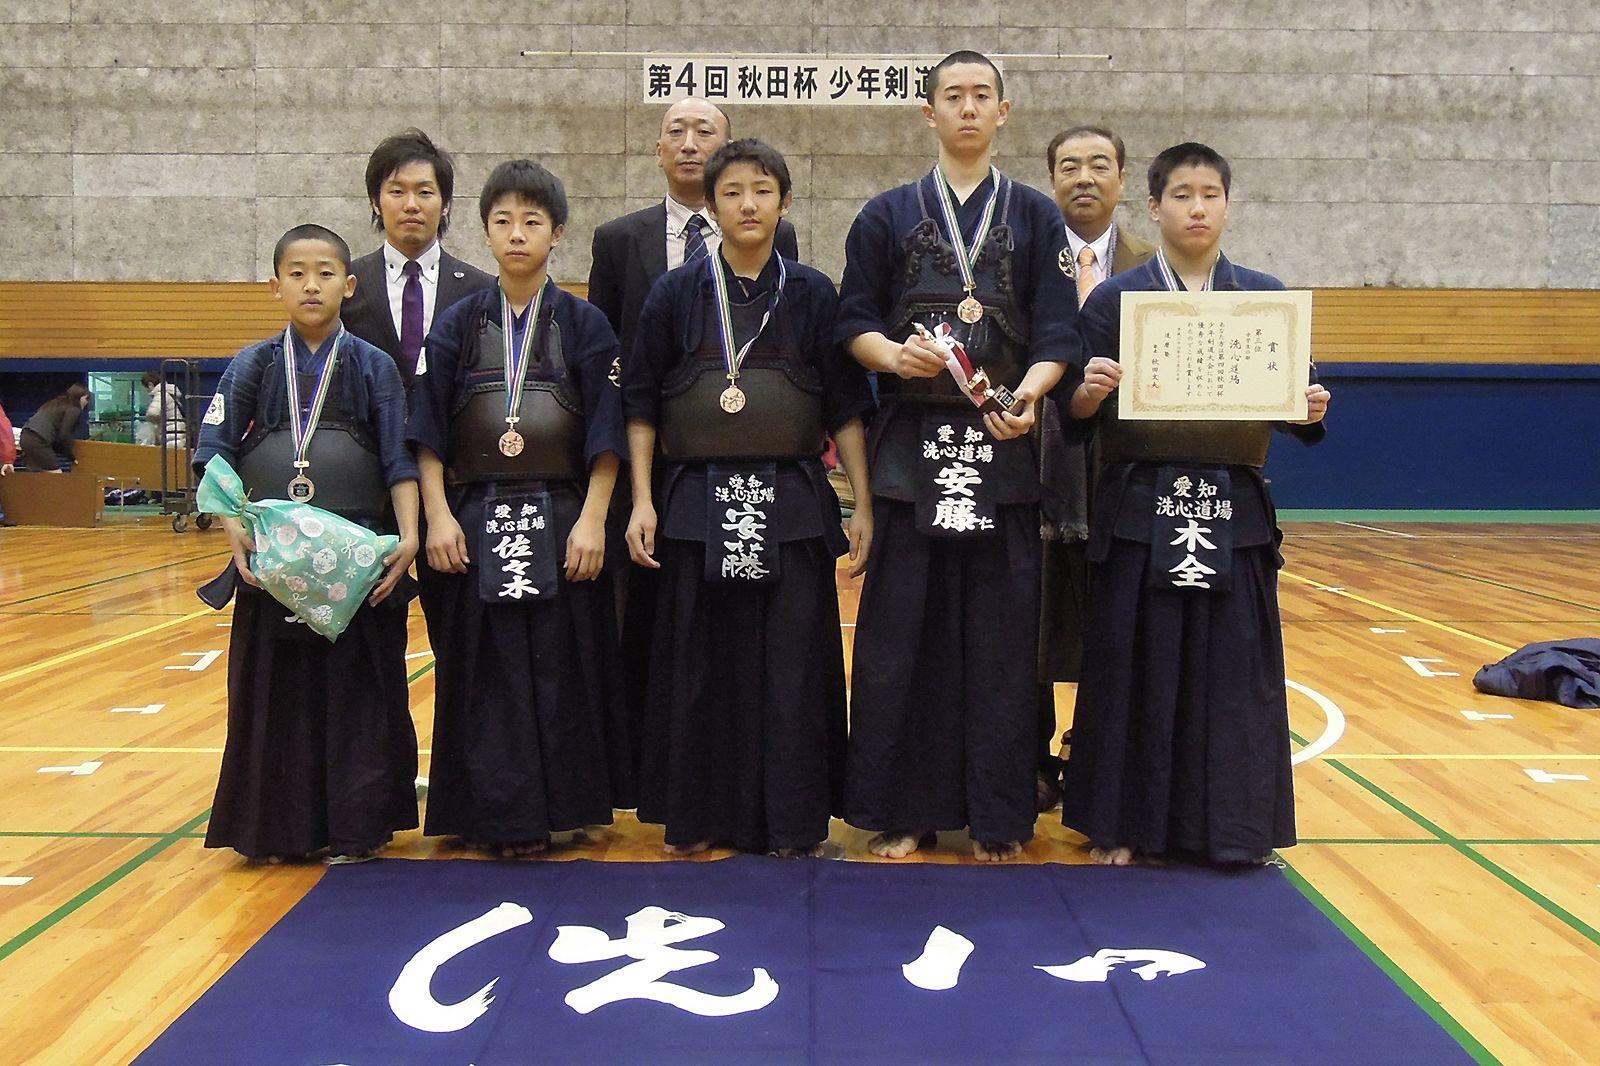 第4回秋田杯少年剣道大会 中学生の部 第三位 洗心道場